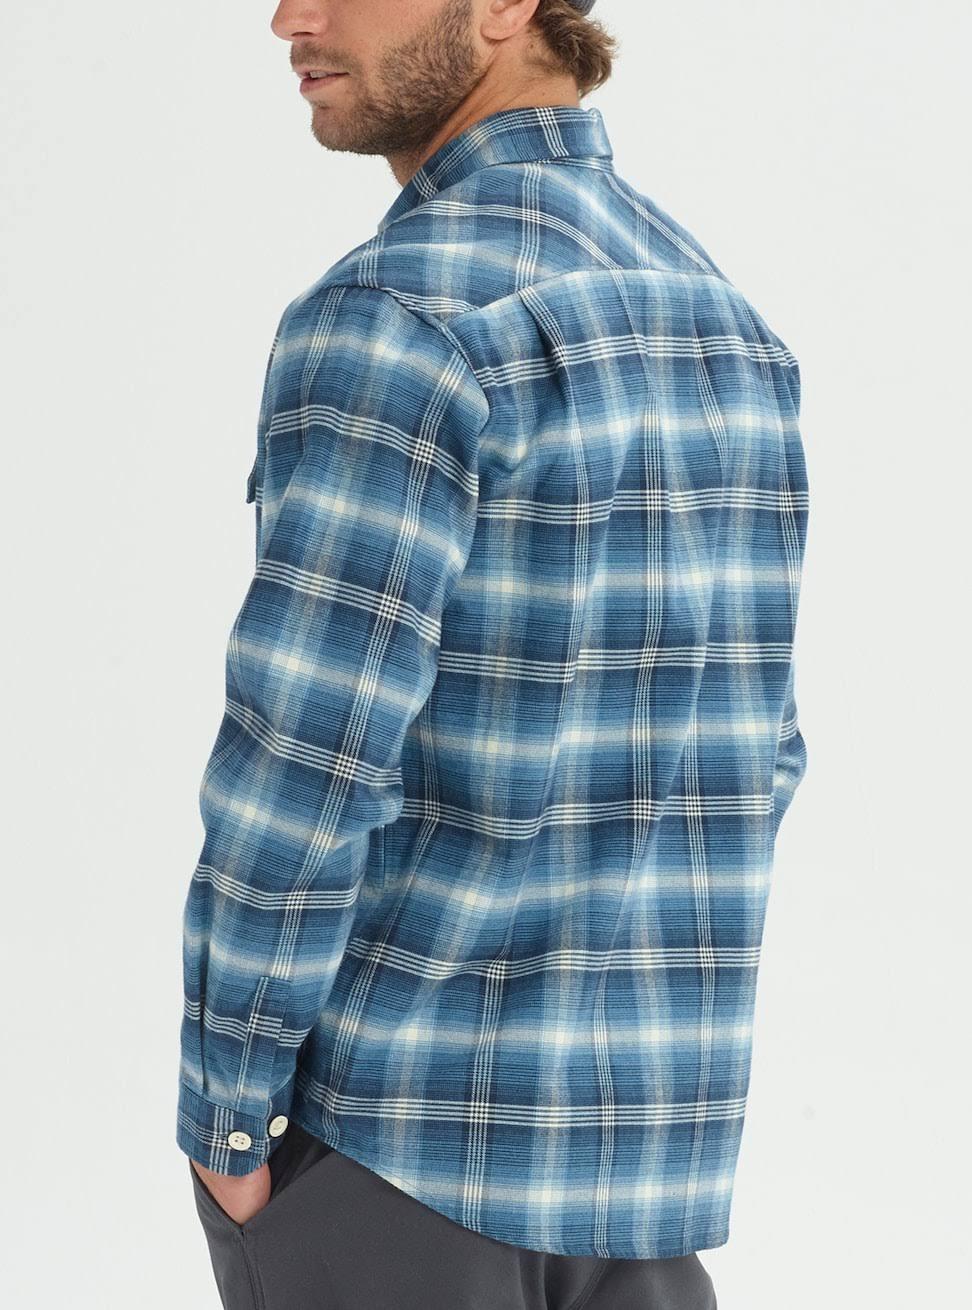 Flannel Shirt Burton Mood L Pne Para Plaid Indigo Hombre Brighton 144E6rq5Ww